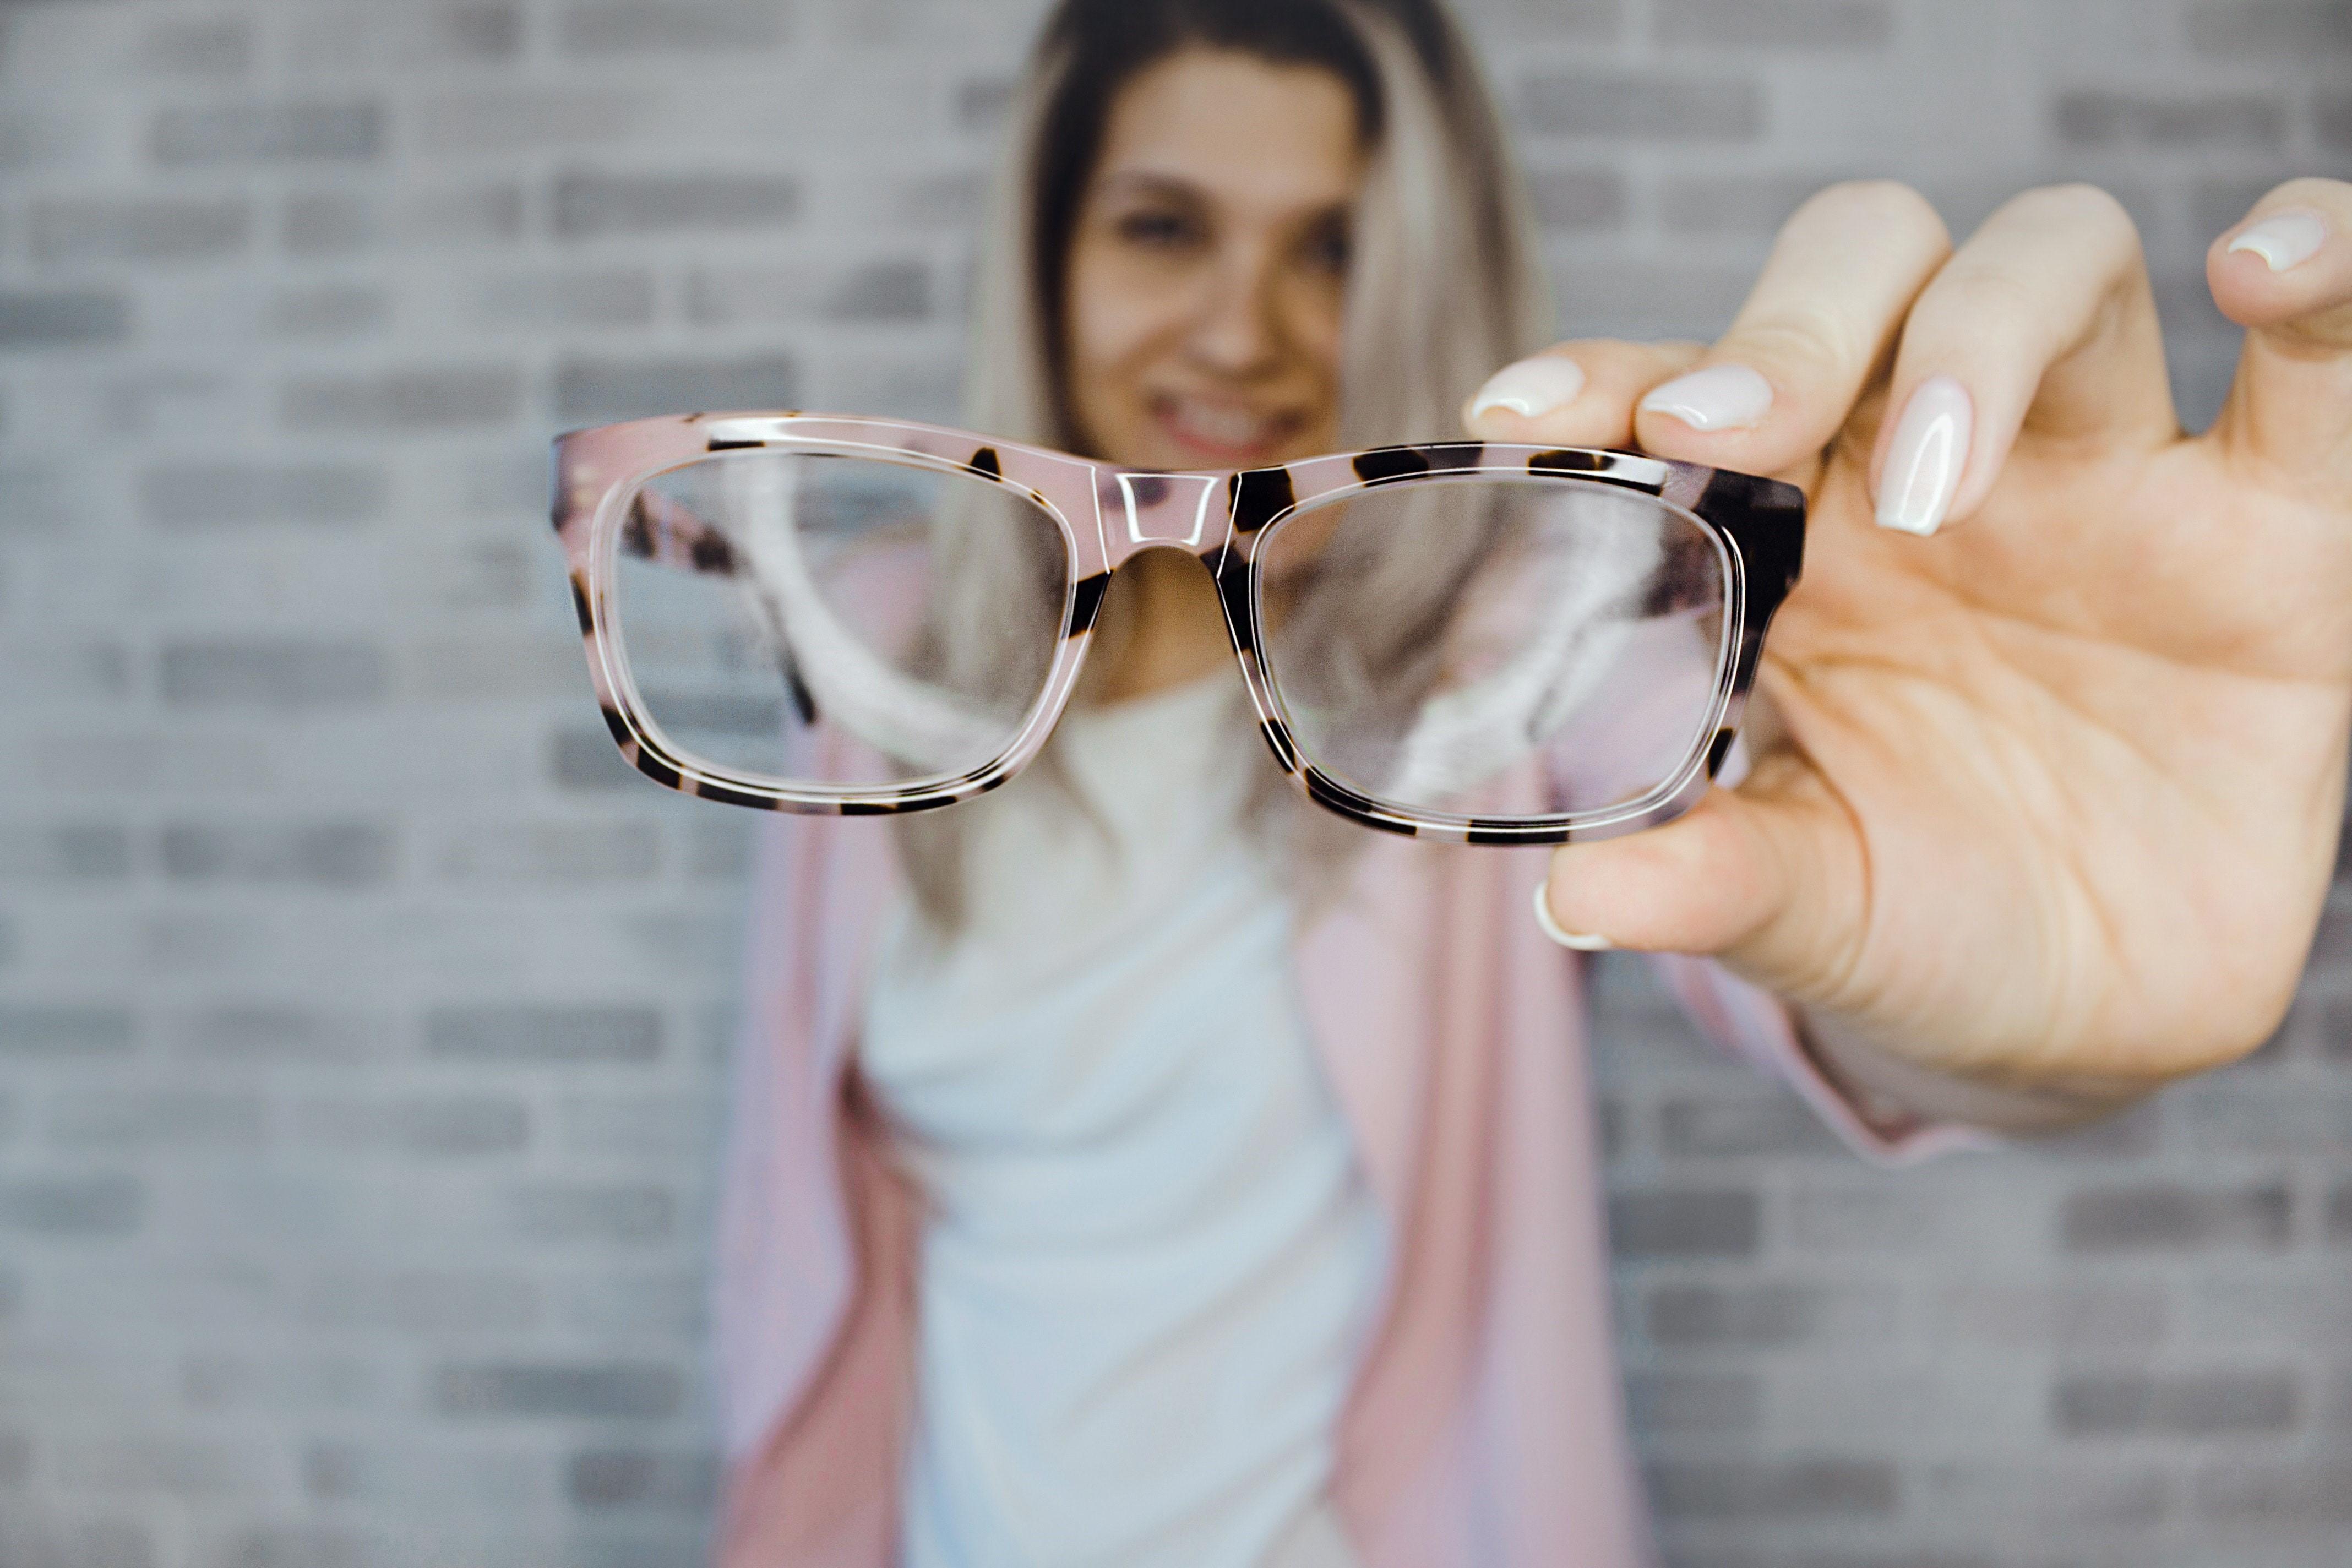 A myopia laser surgery by the Relex Smile 3D technique  13d41a3efa1